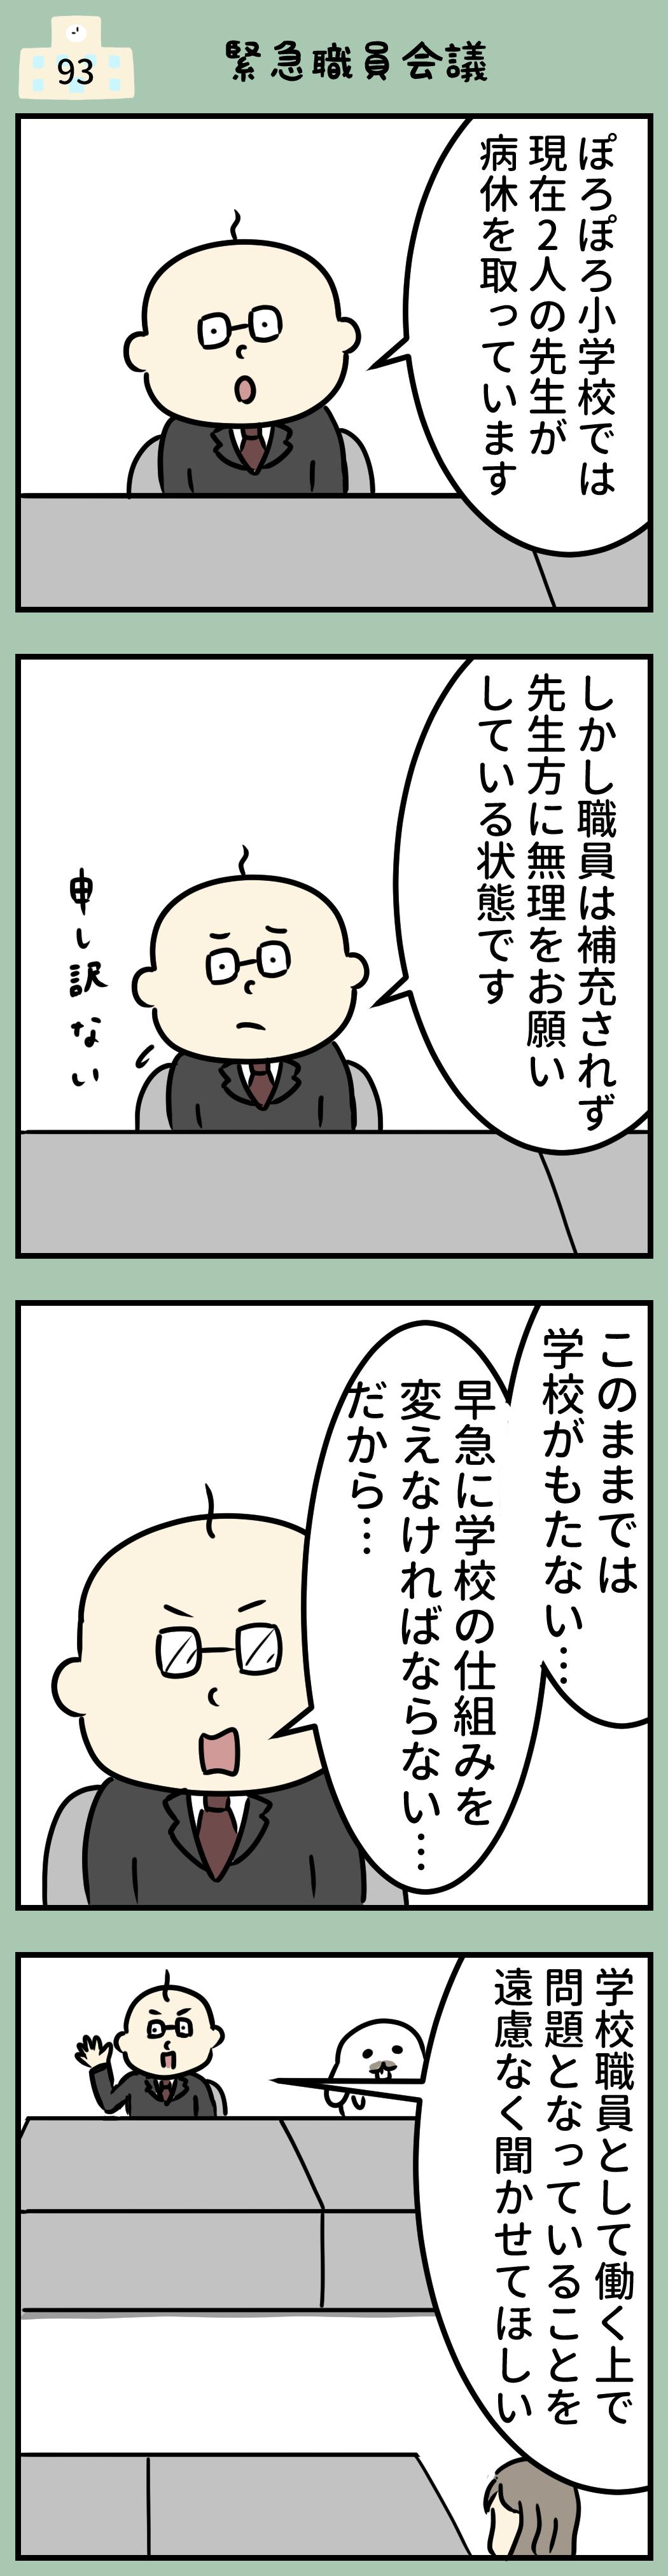 小学校 職員会議